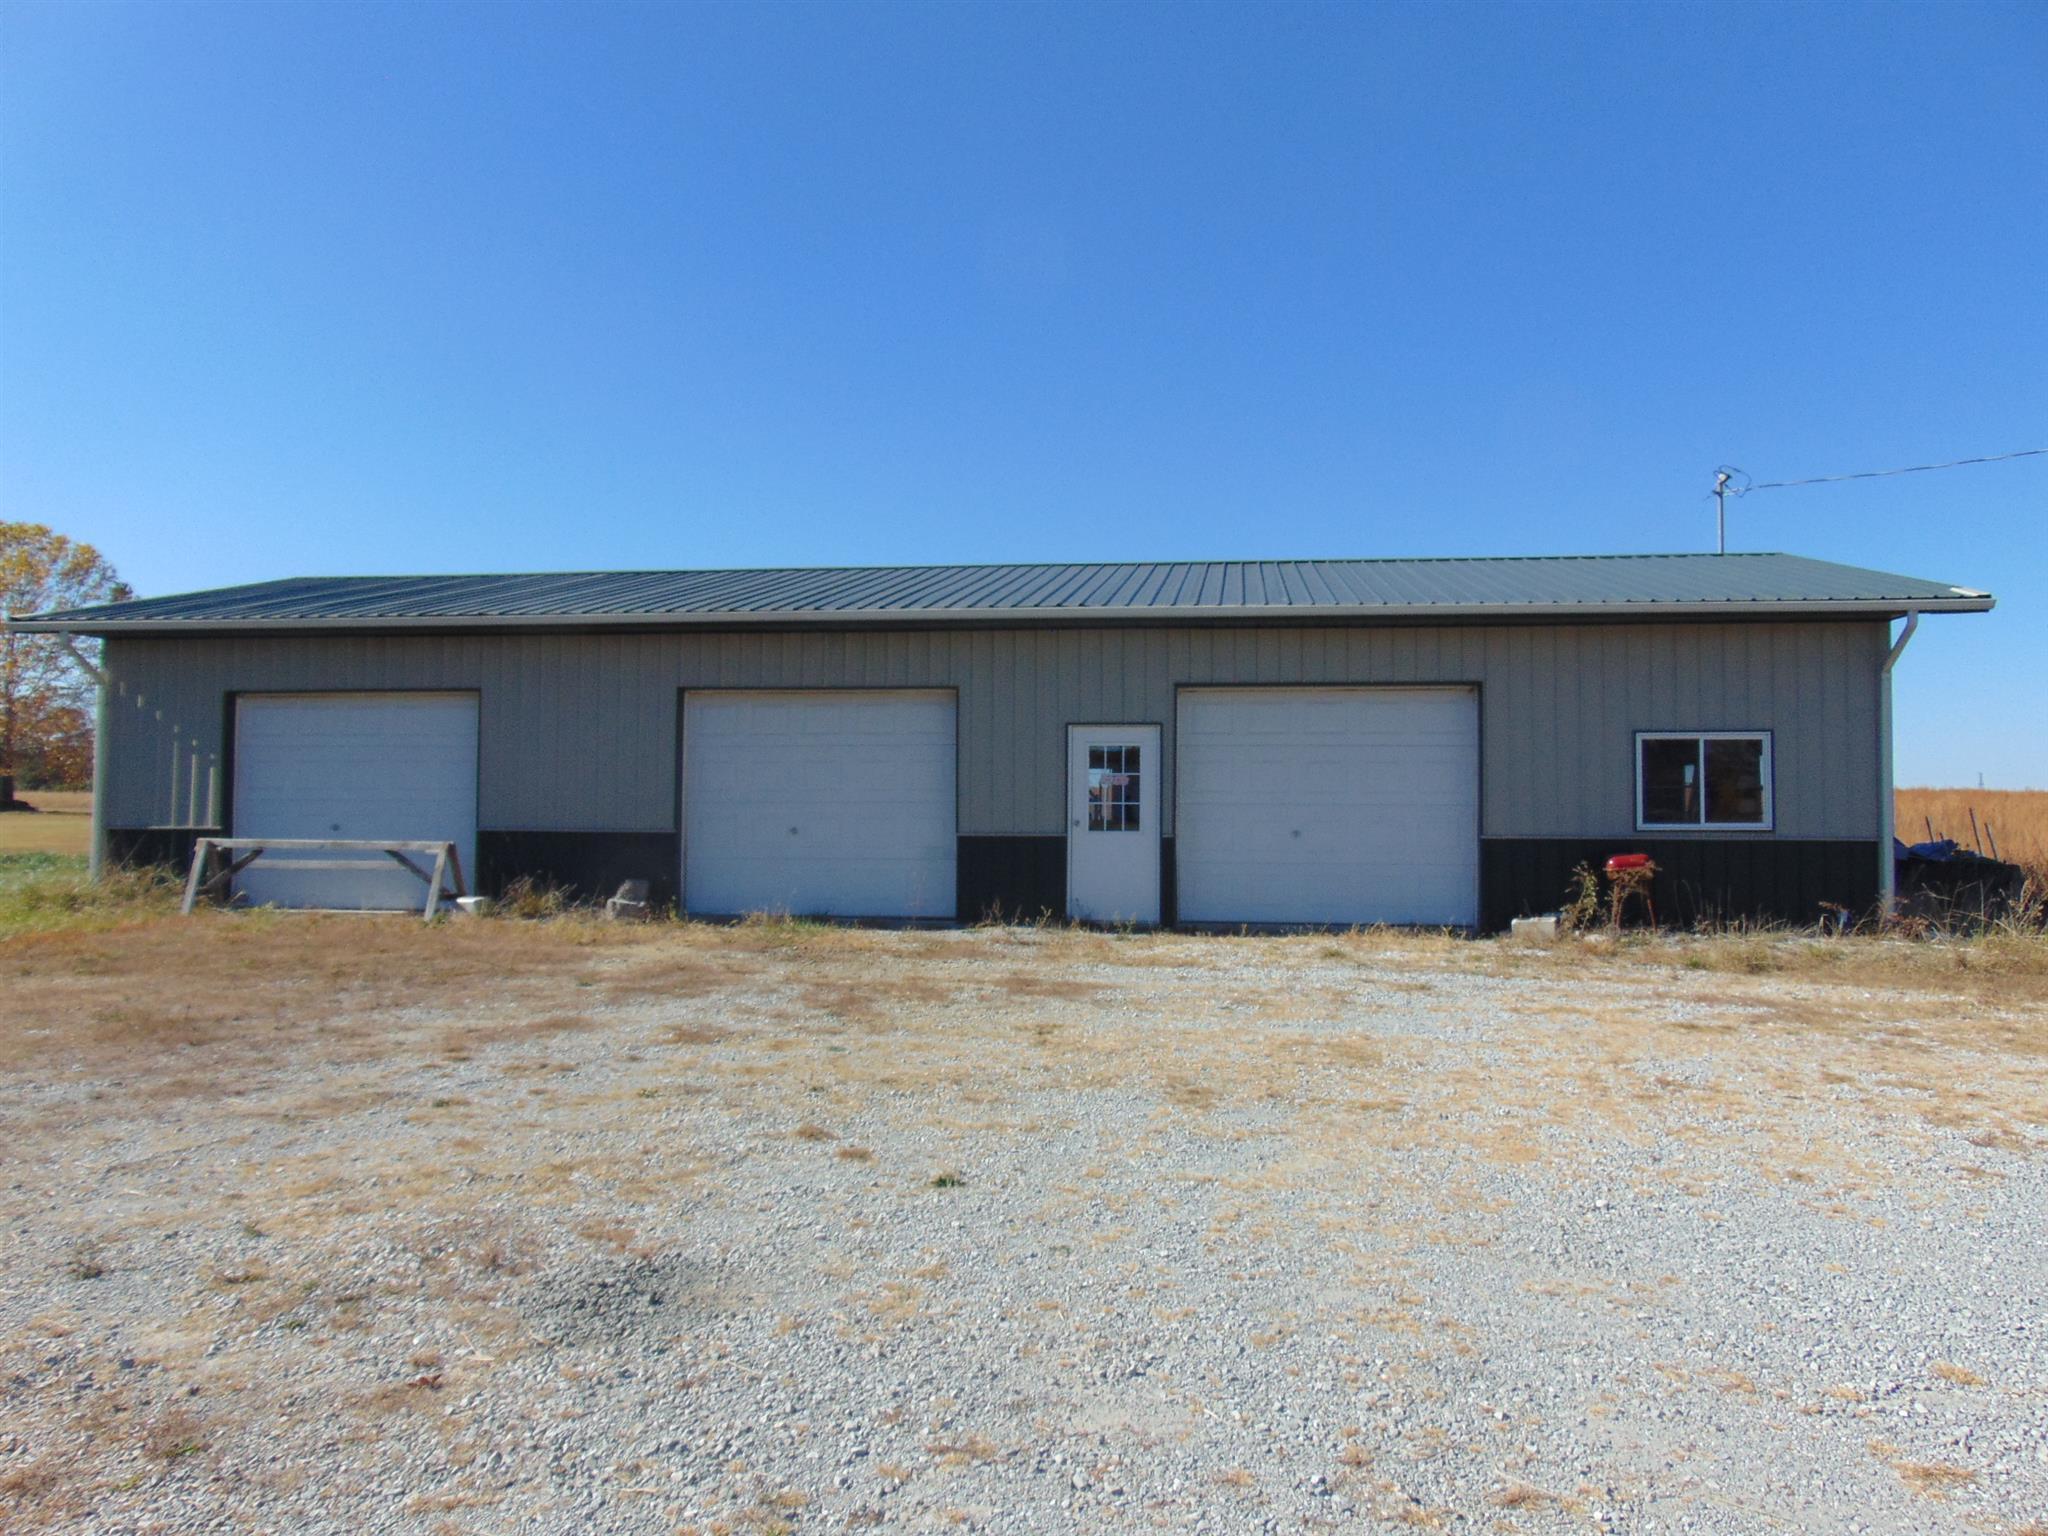 955 W Point Rd, Lawrenceburg, TN 38464